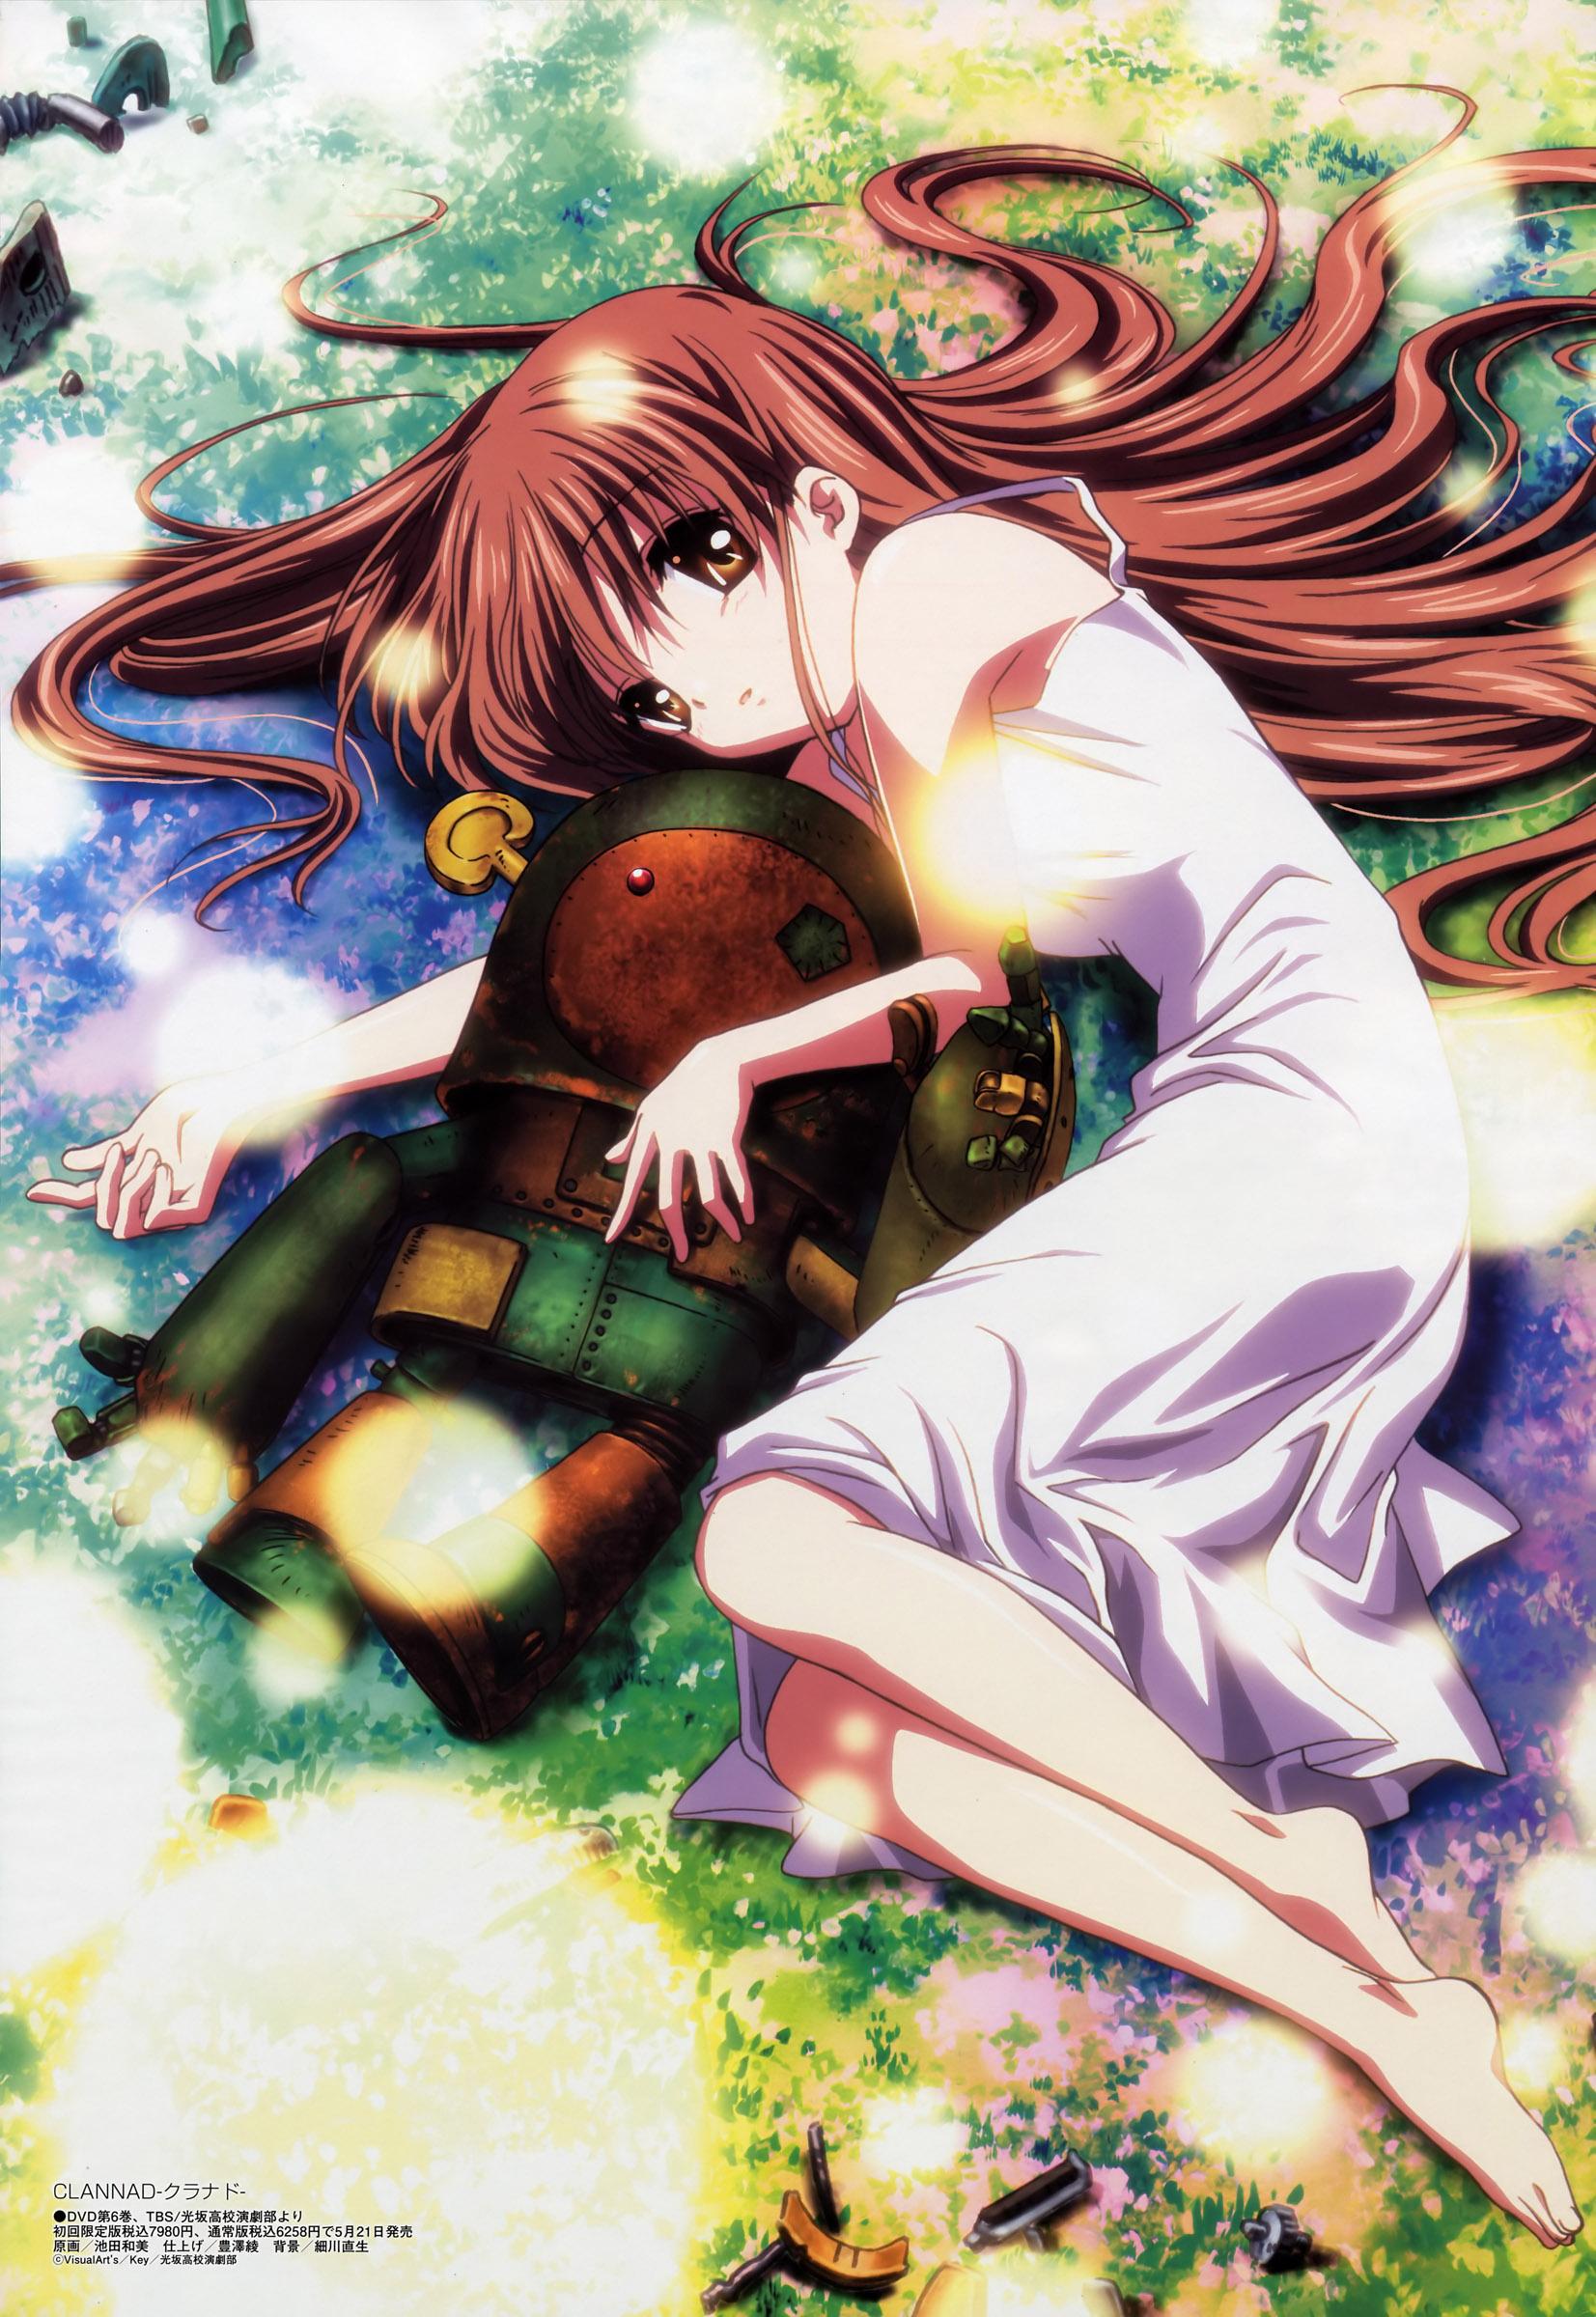 Clannad zerochan anime image board for Zerochan anime